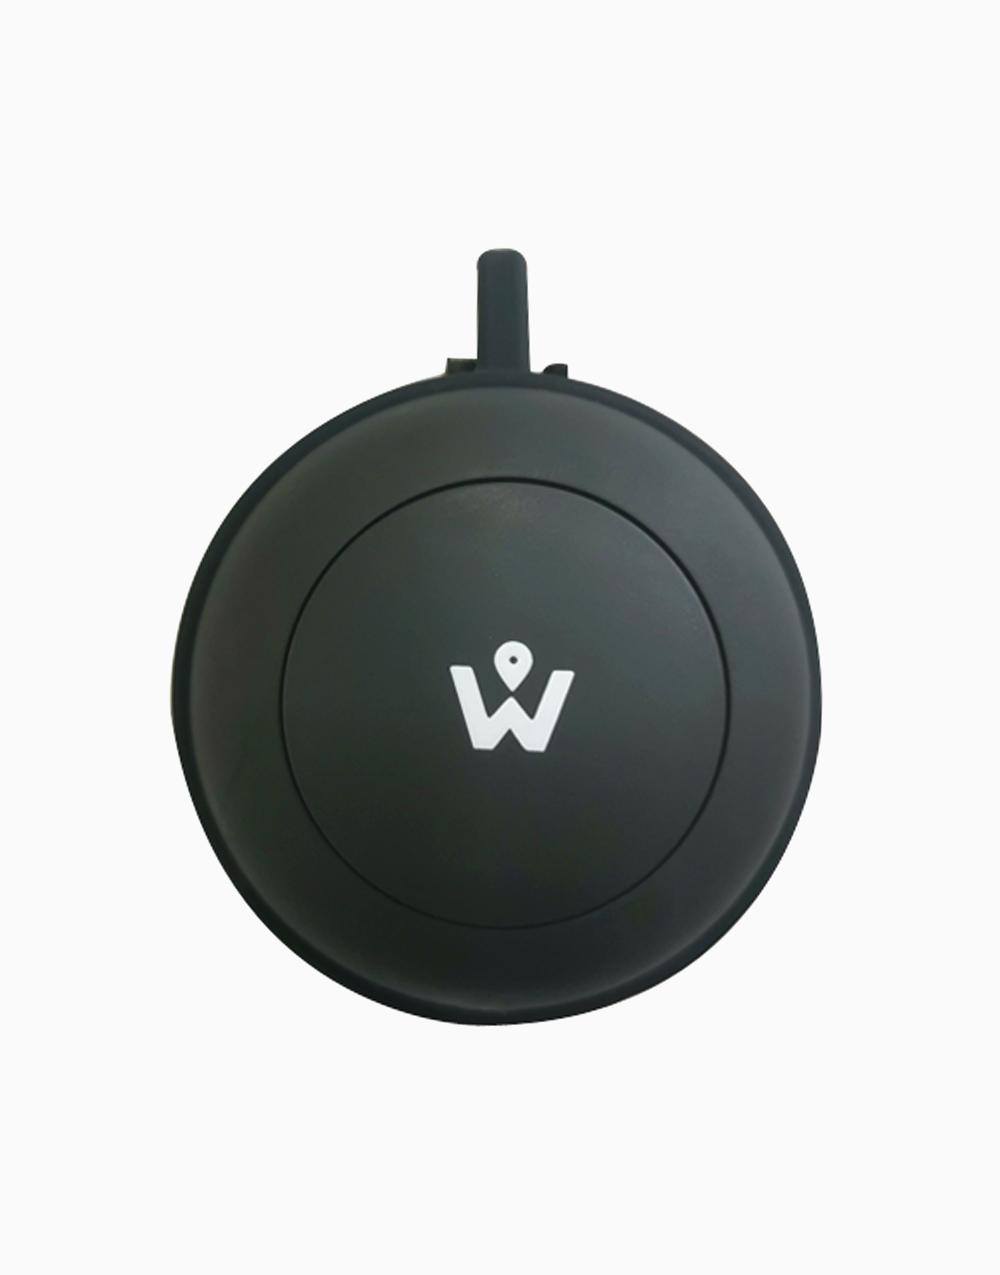 Personal Mini Air Purifier by Wanderskye | Black